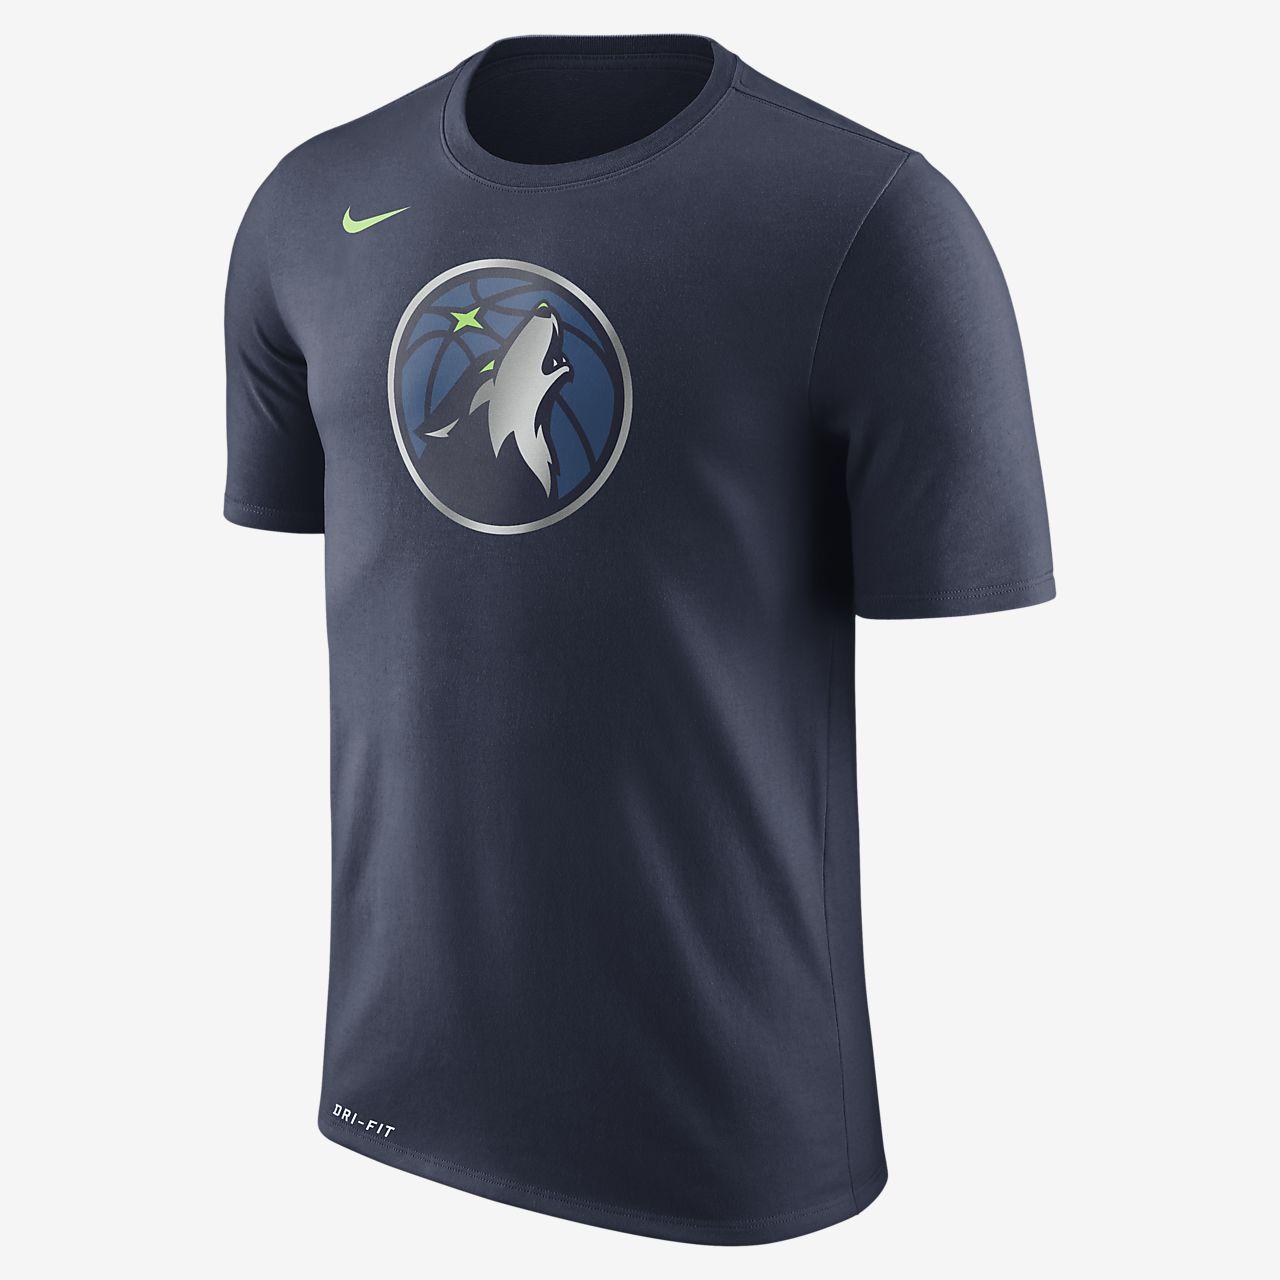 ... Minnesota Timberwolves Nike Dry Logo Men's NBA T-Shirt